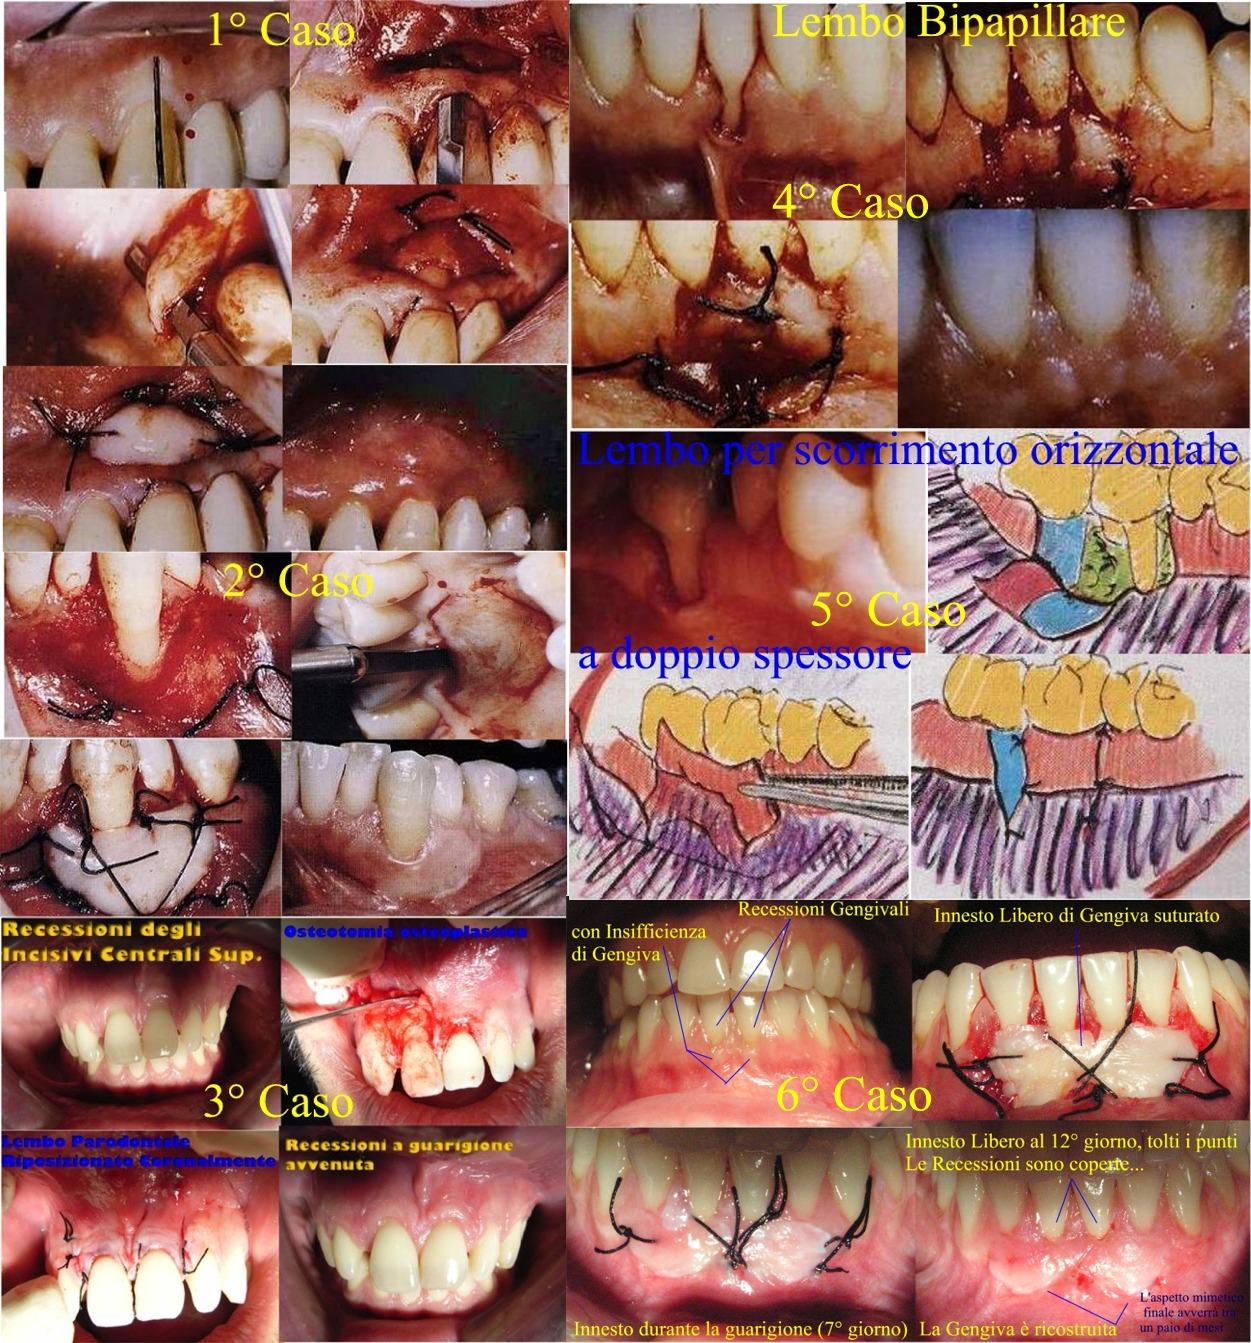 Chirurgia Mucogengivale come esempiuo tra i tanti interventi per la terapia delle Recessioni Gengivali una volta che sia stata però curata la Parodontite eventuale. Da casistica del Dr. Gustavo Petti Parodontologo in Cagliari